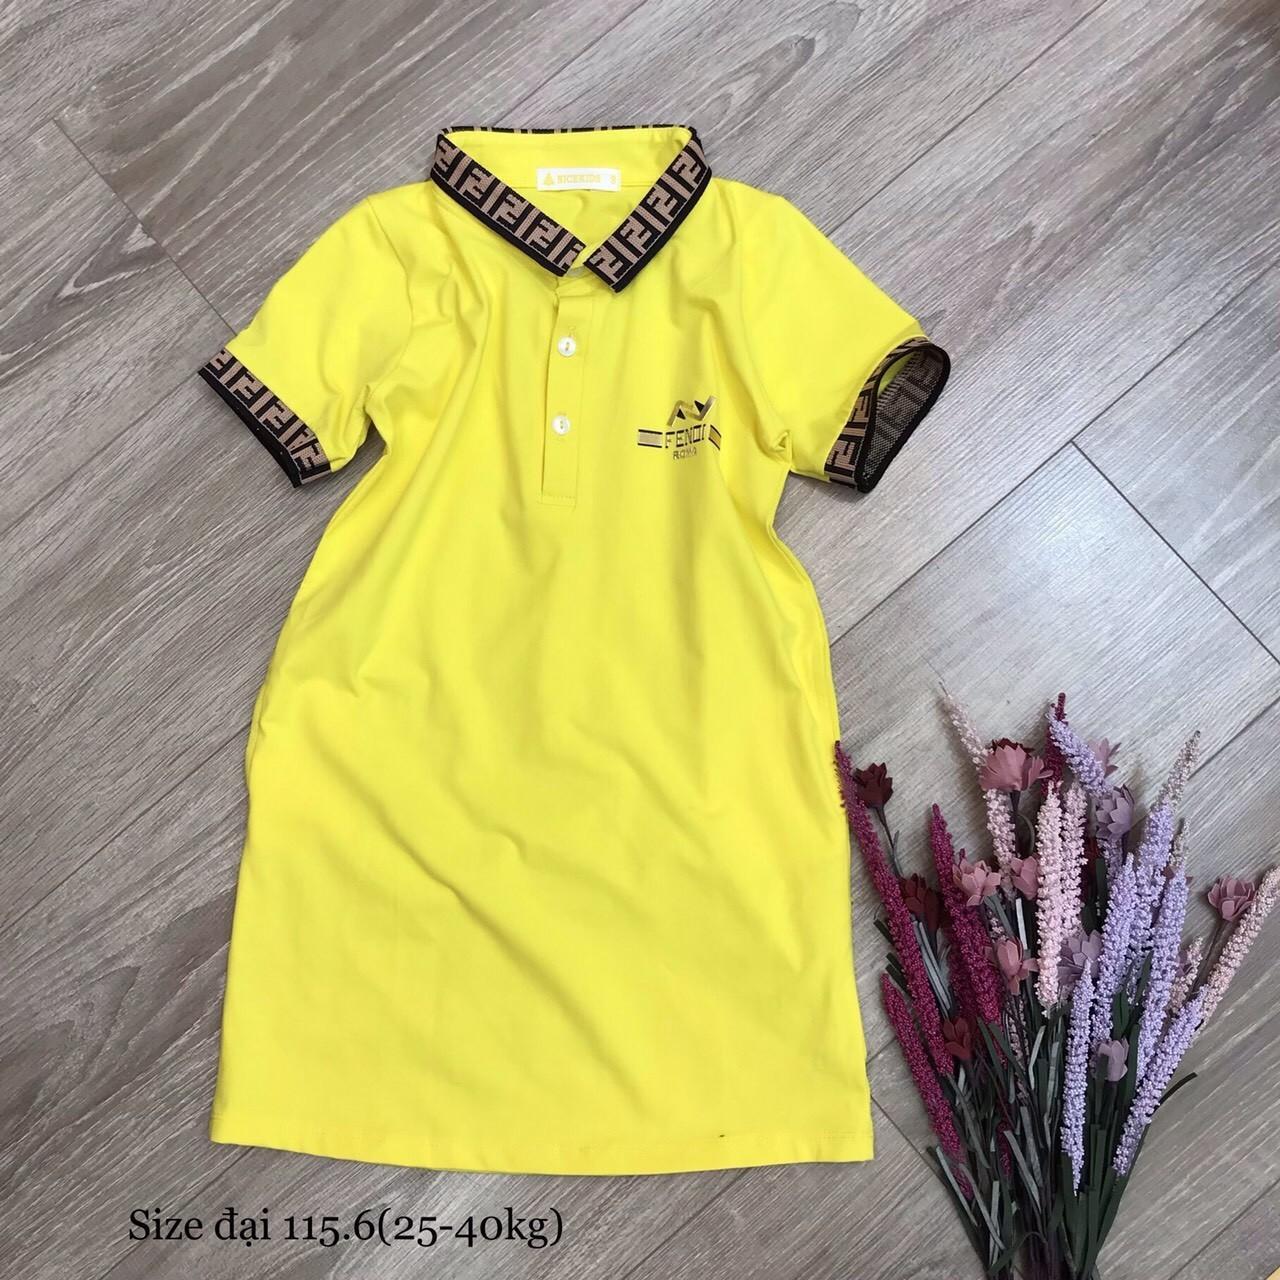 Giá bán Đầm suông, cổ trụ chữ Fendi màu vàng dành cho bé, đủ size, tối đa 40 kg